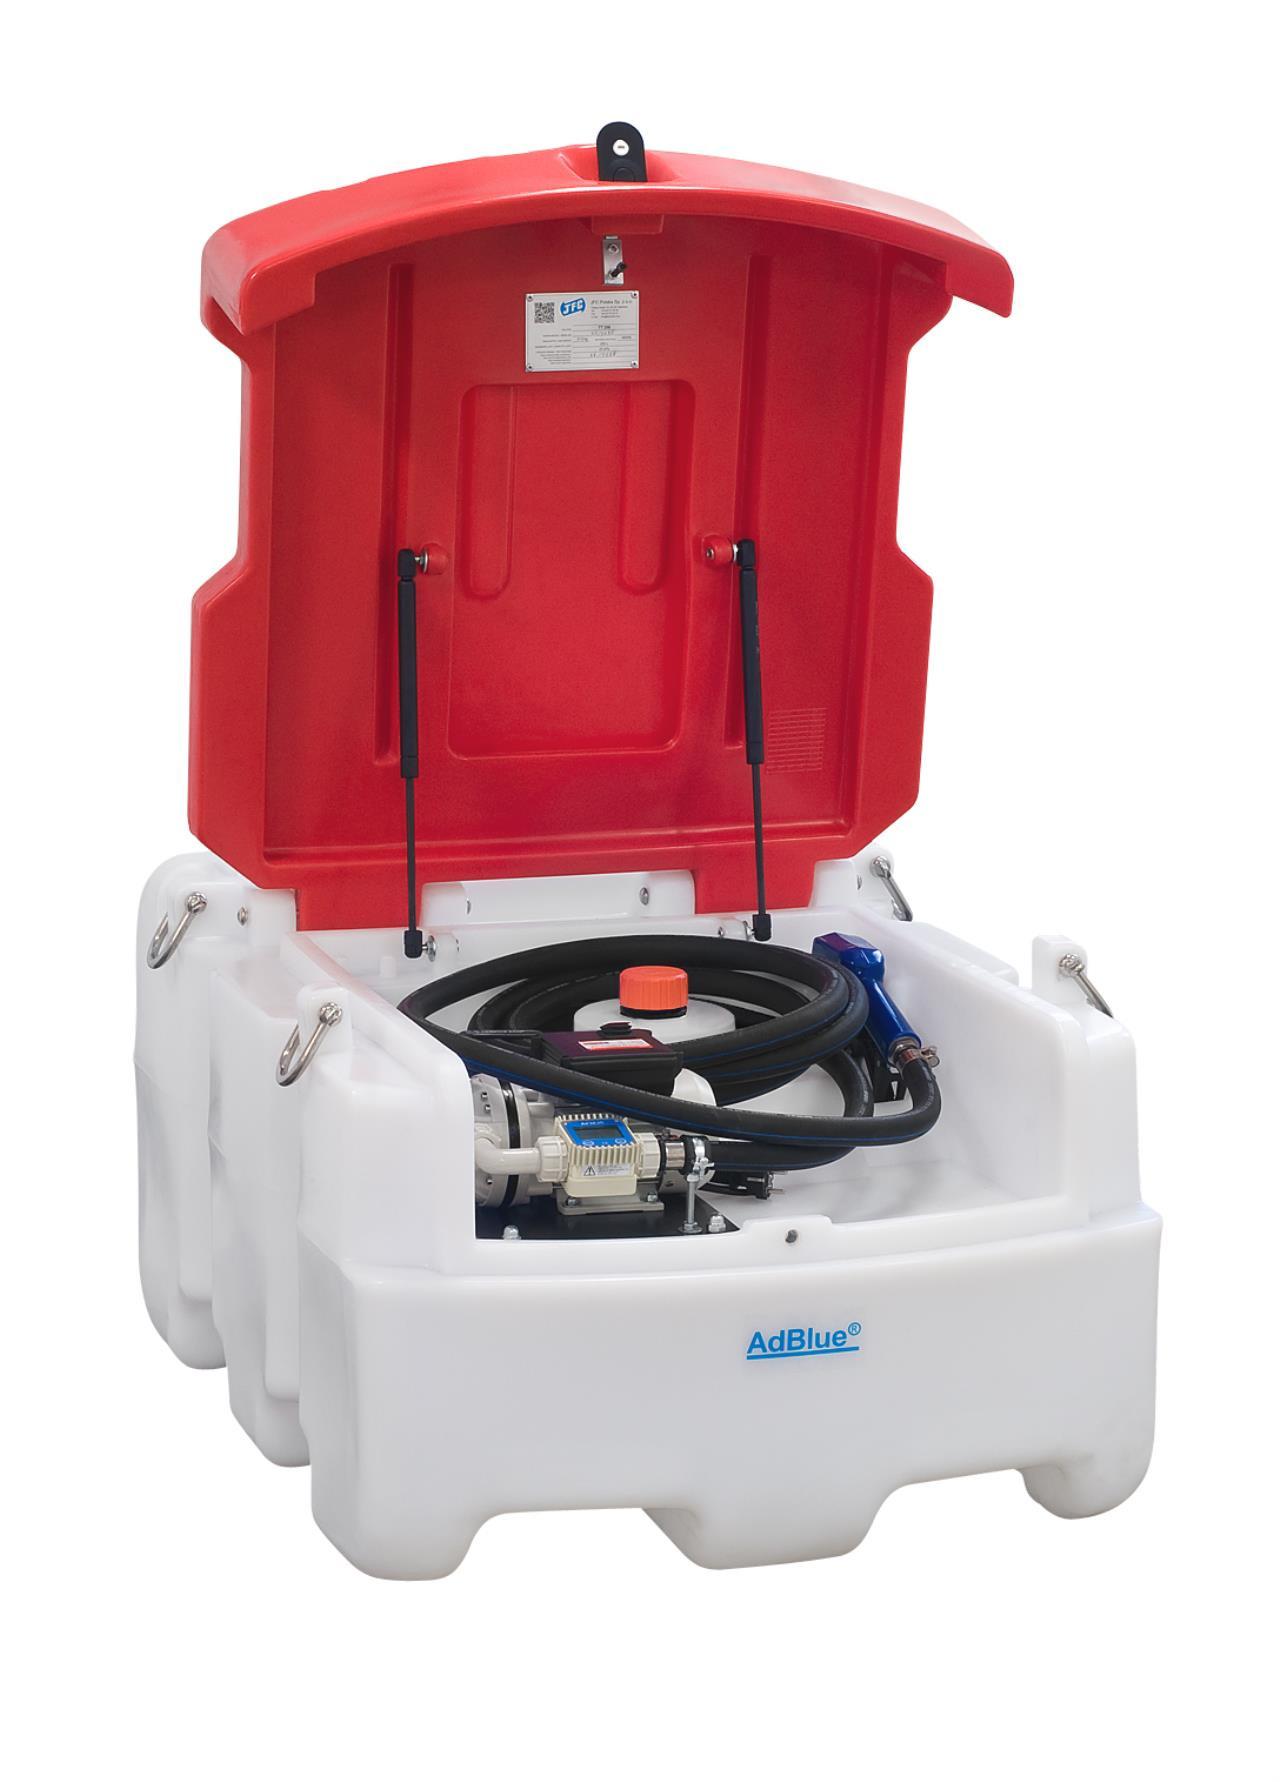 Kabi Adblue tank, 12V pumpe, 250 ltr.